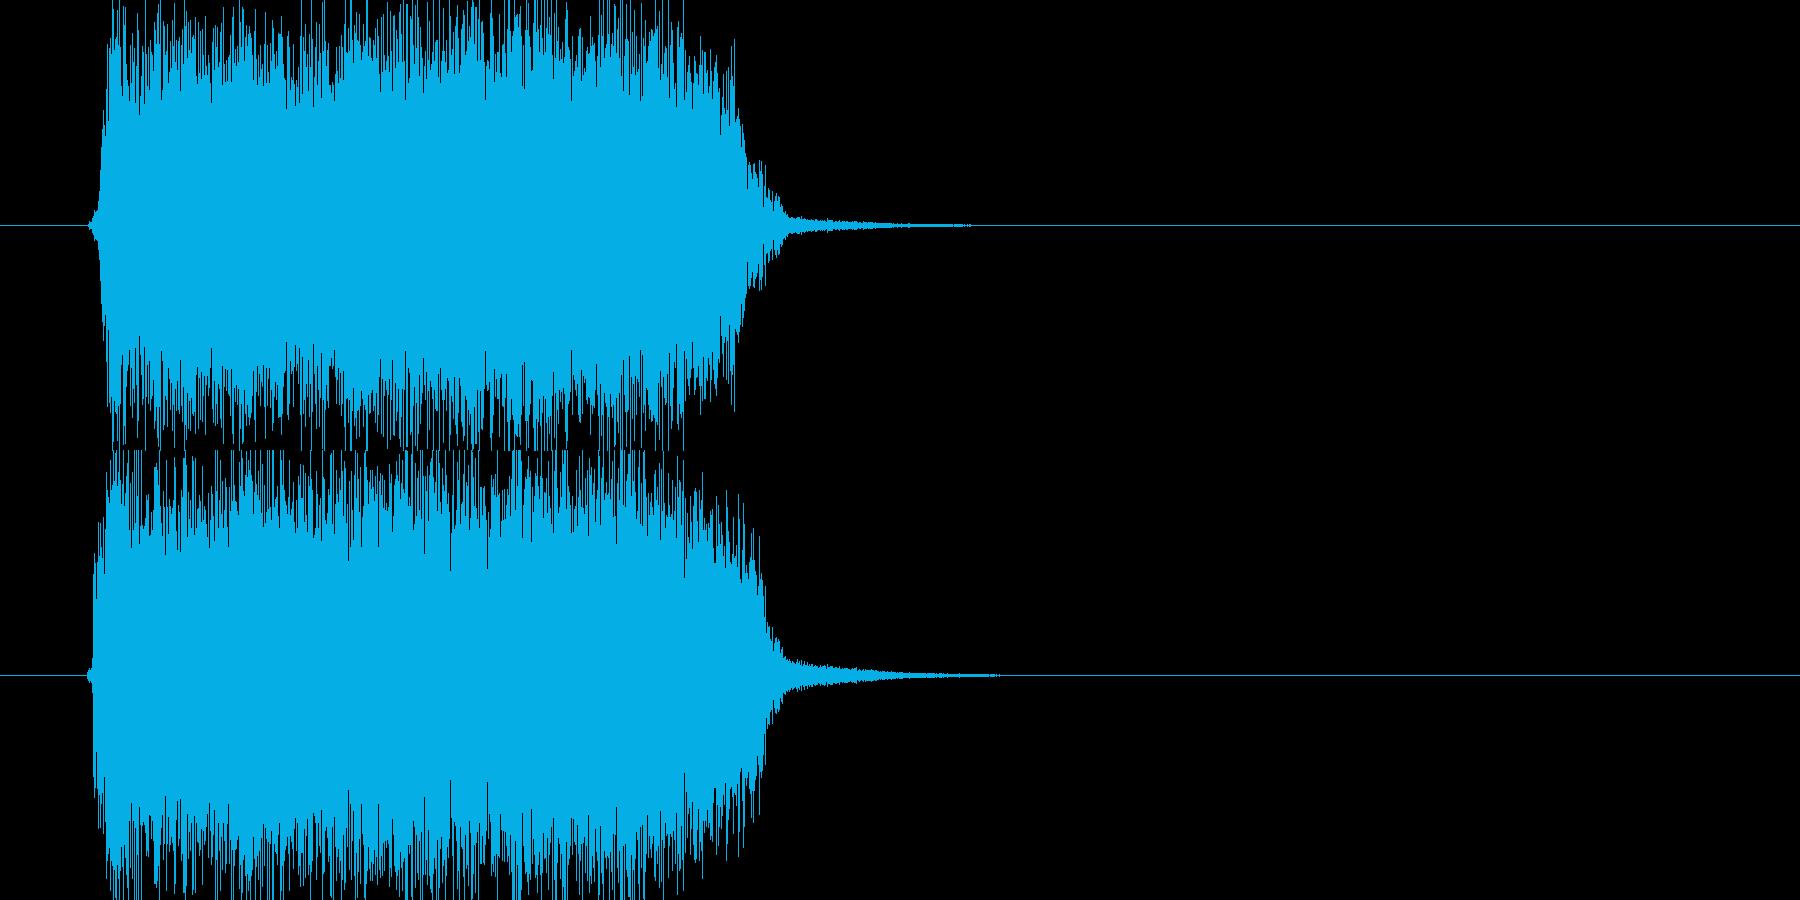 元気 はつらつ いきいき 充実 重圧の再生済みの波形